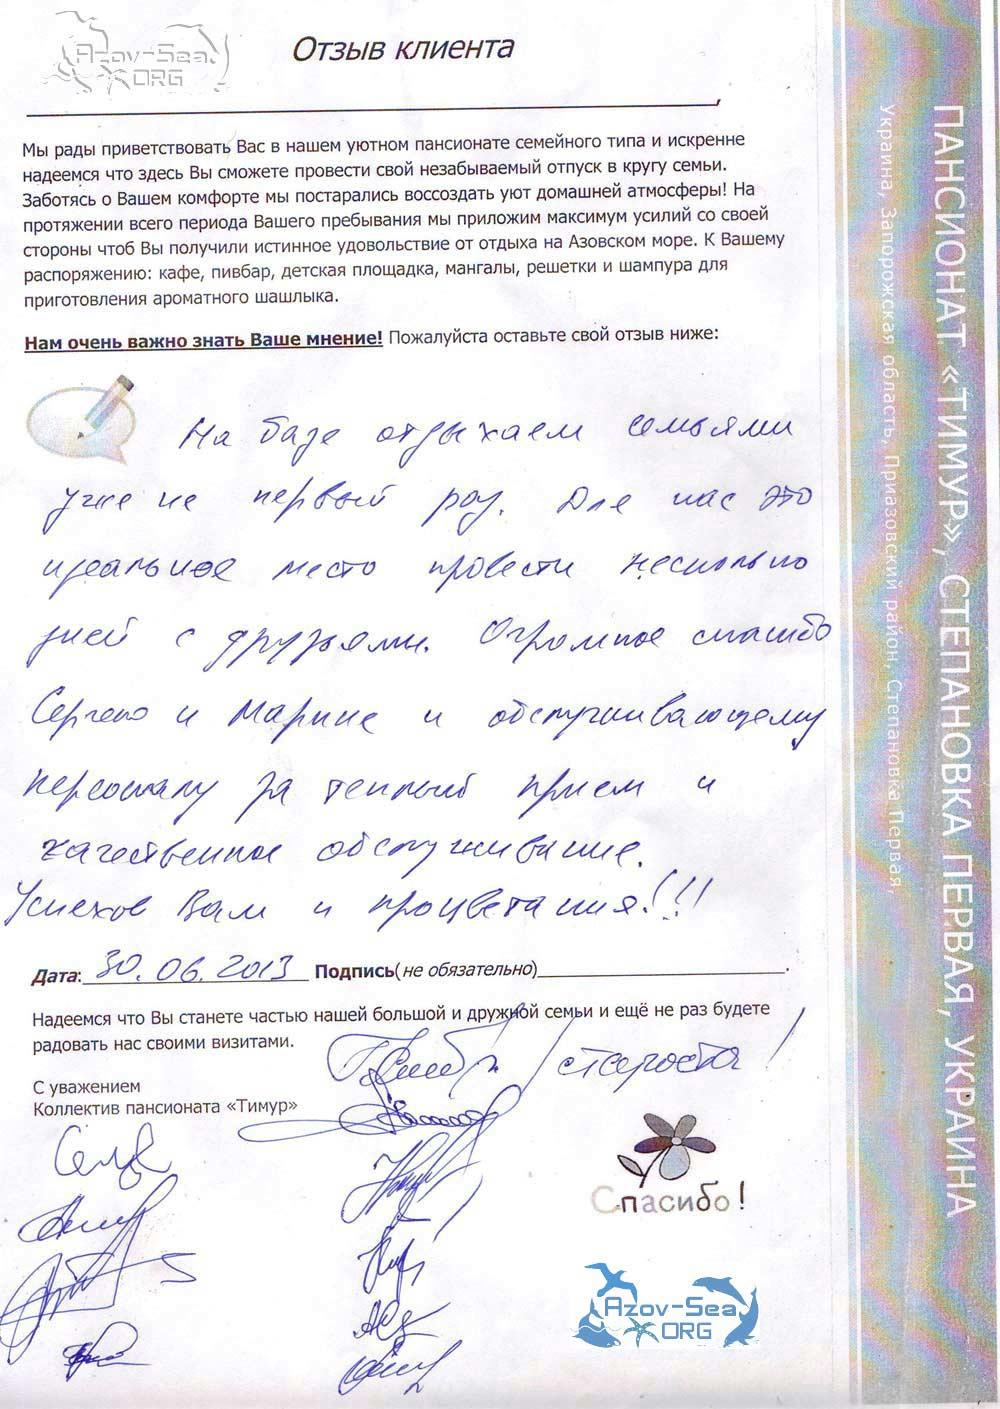 Степановка Первая, Отзыв клиентов